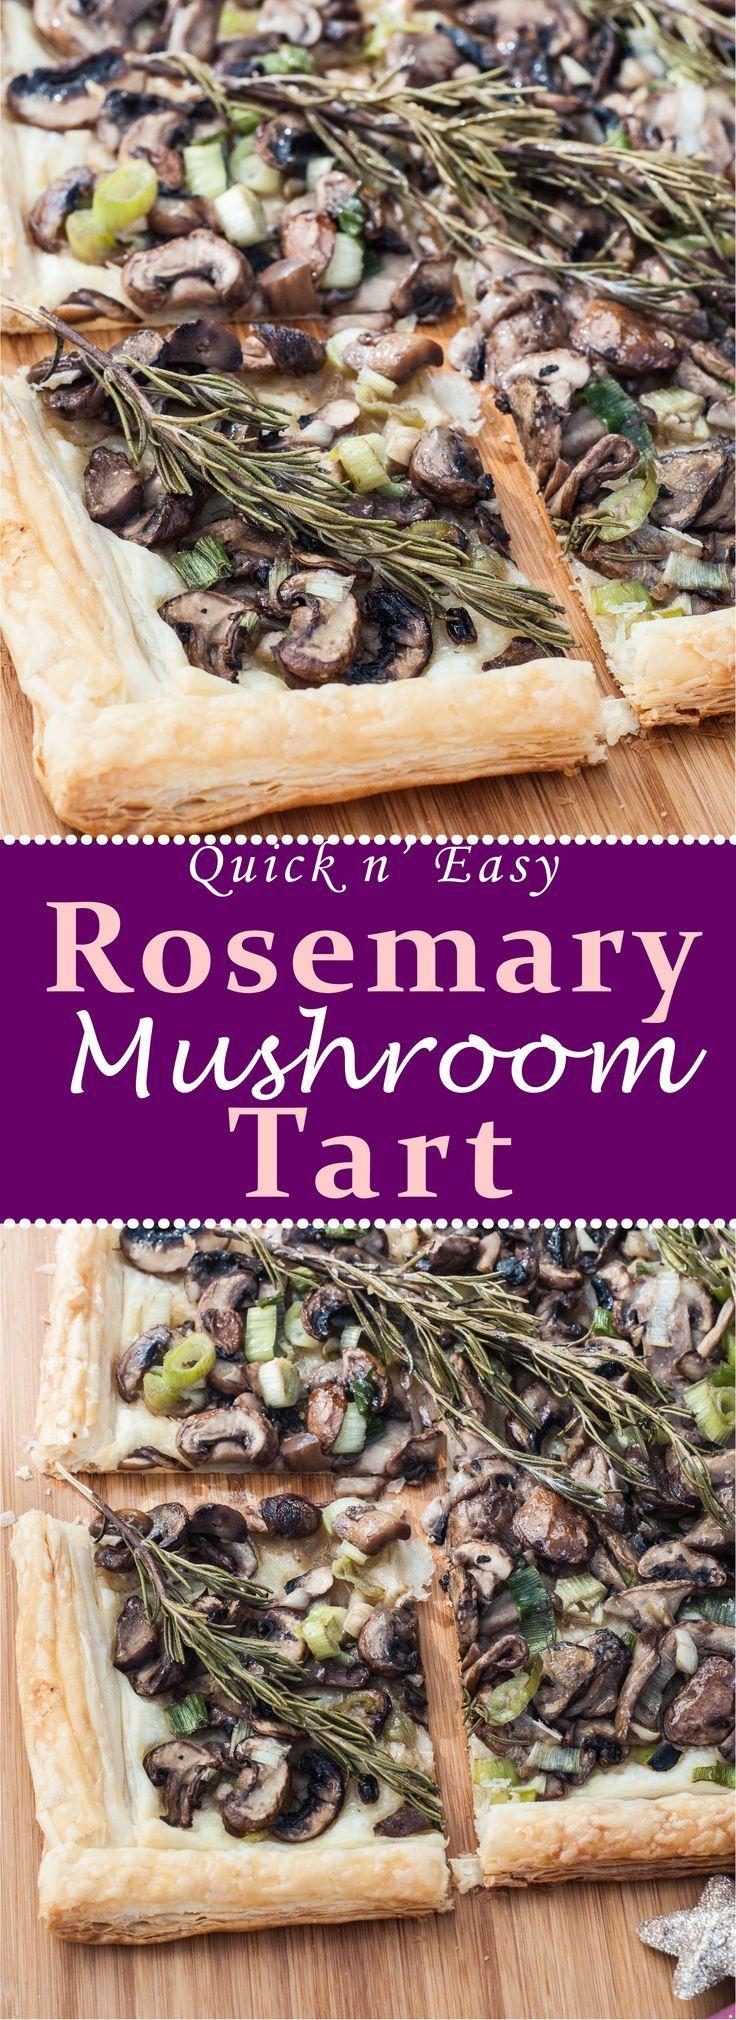 Quick, Easy and Healthy Rosemary Mushroom Tart Recipe!